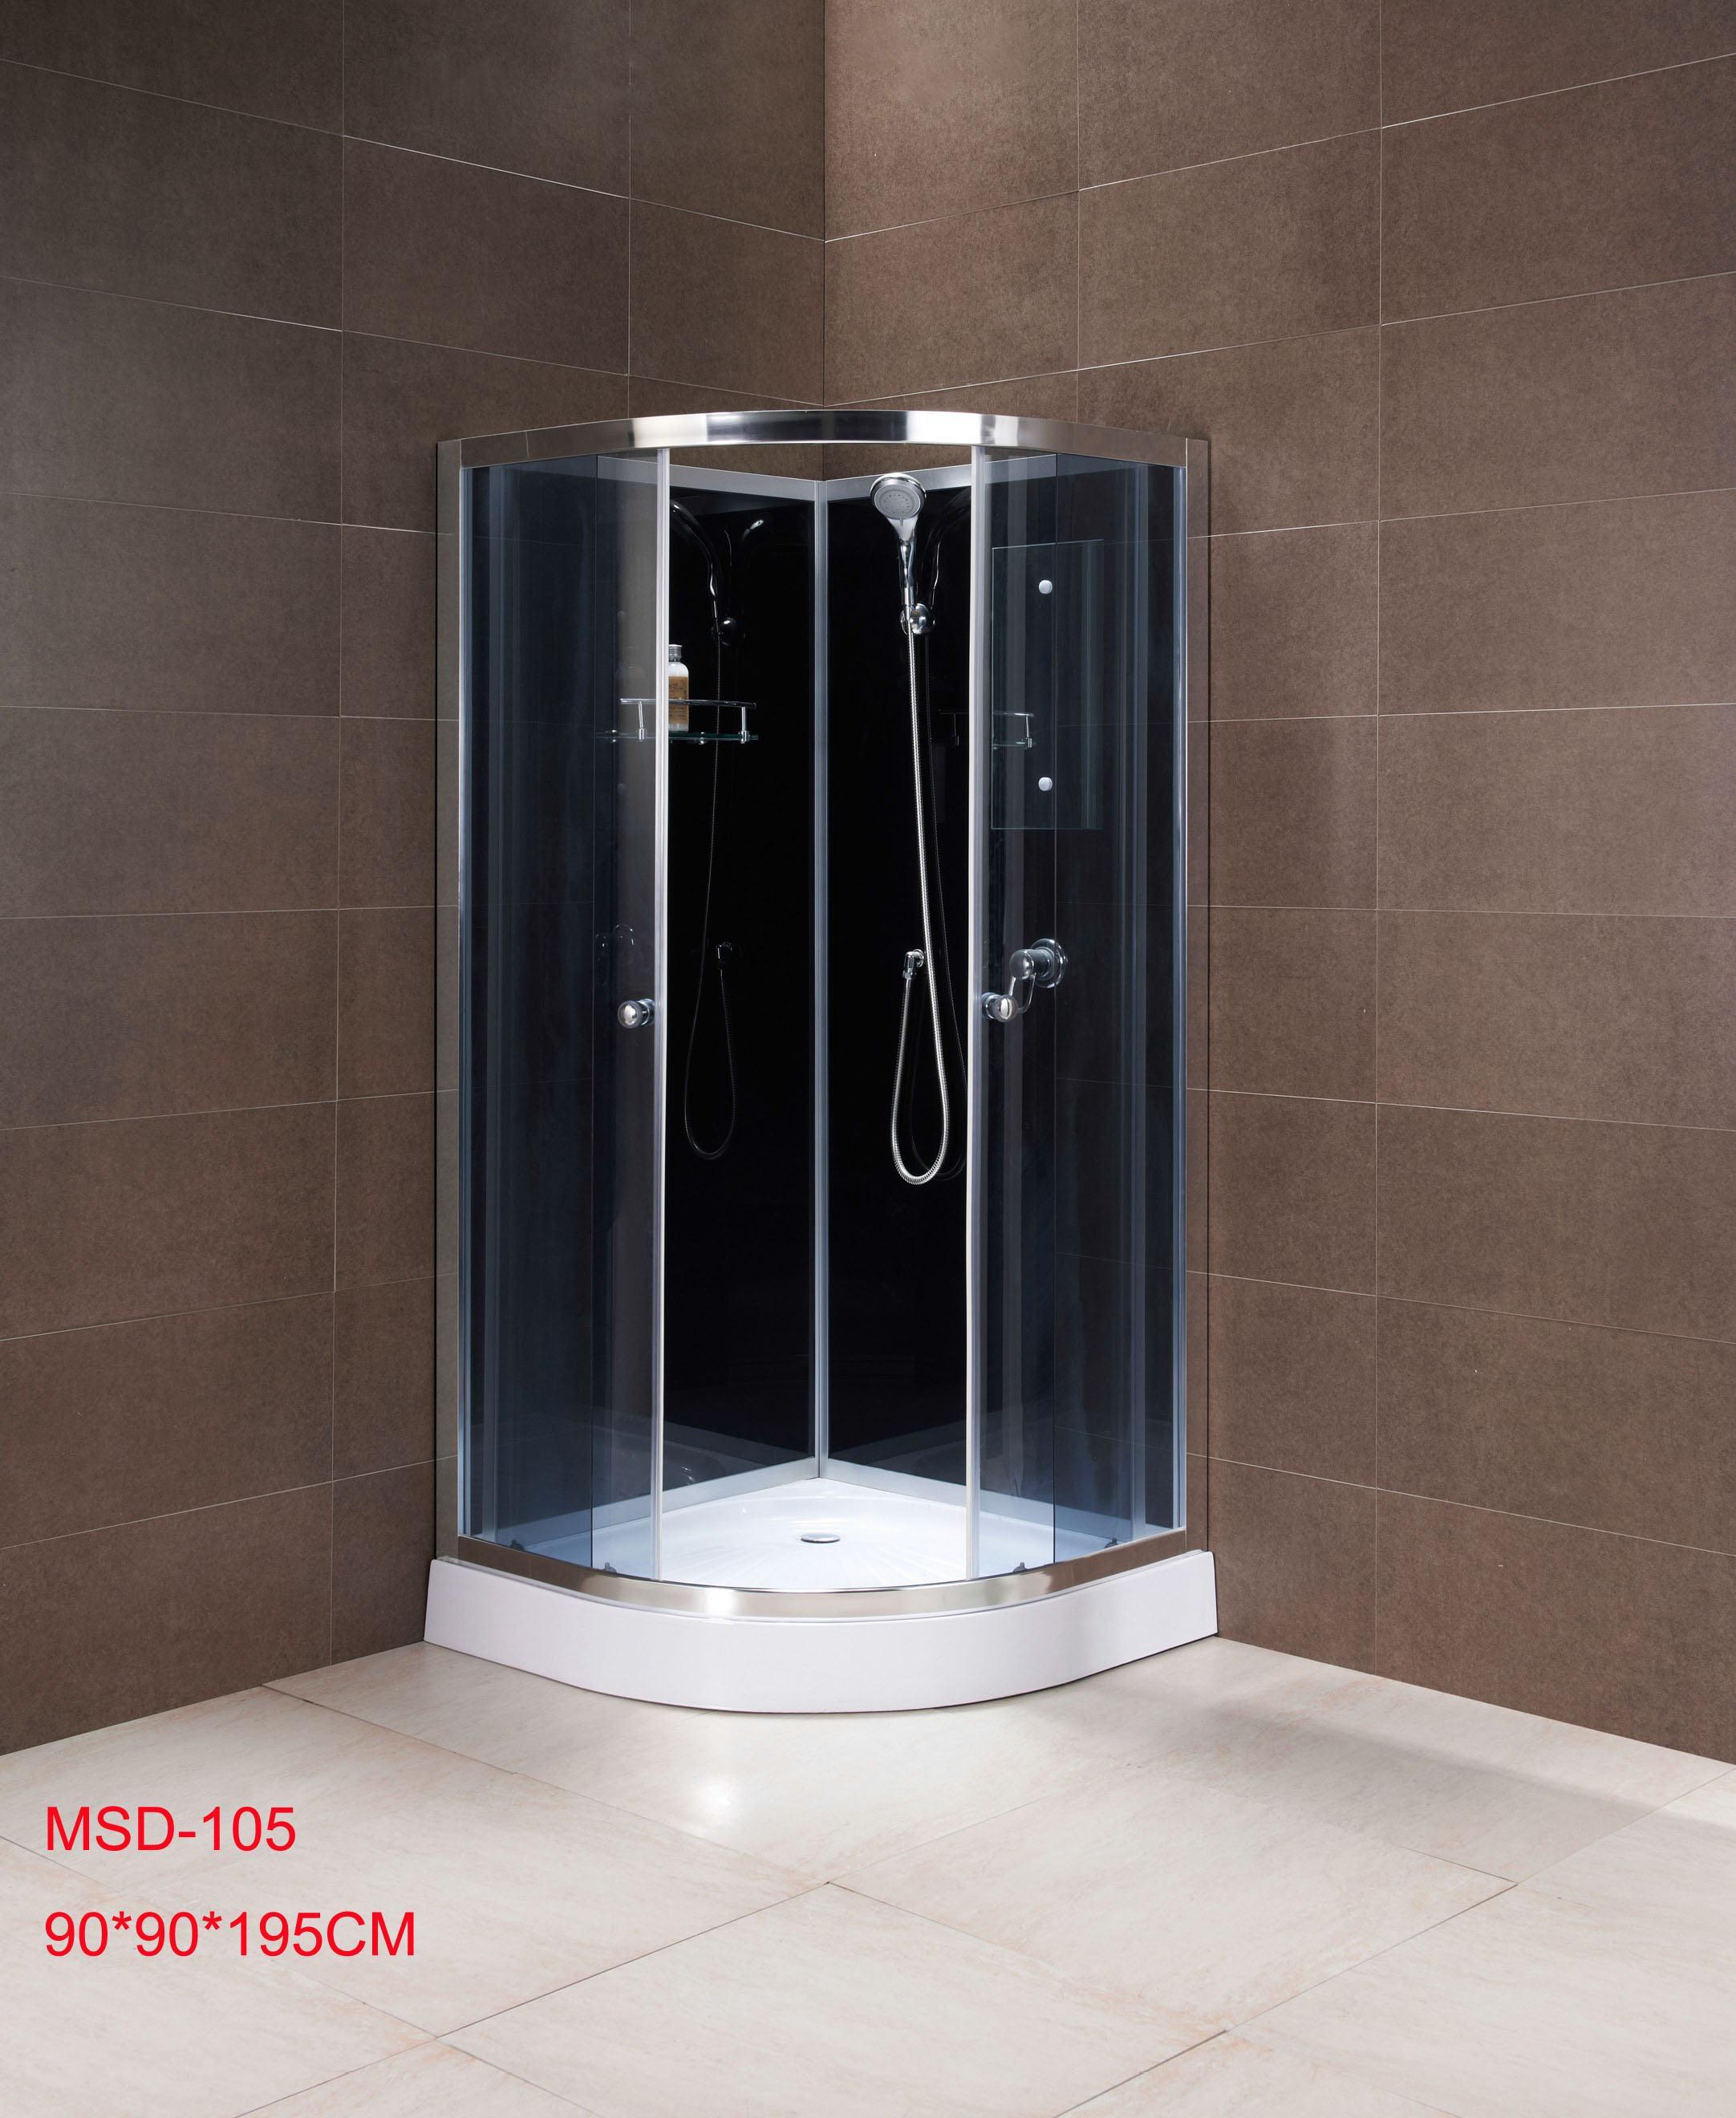 douche cloison de douche douche vapeur cabine de douche. Black Bedroom Furniture Sets. Home Design Ideas